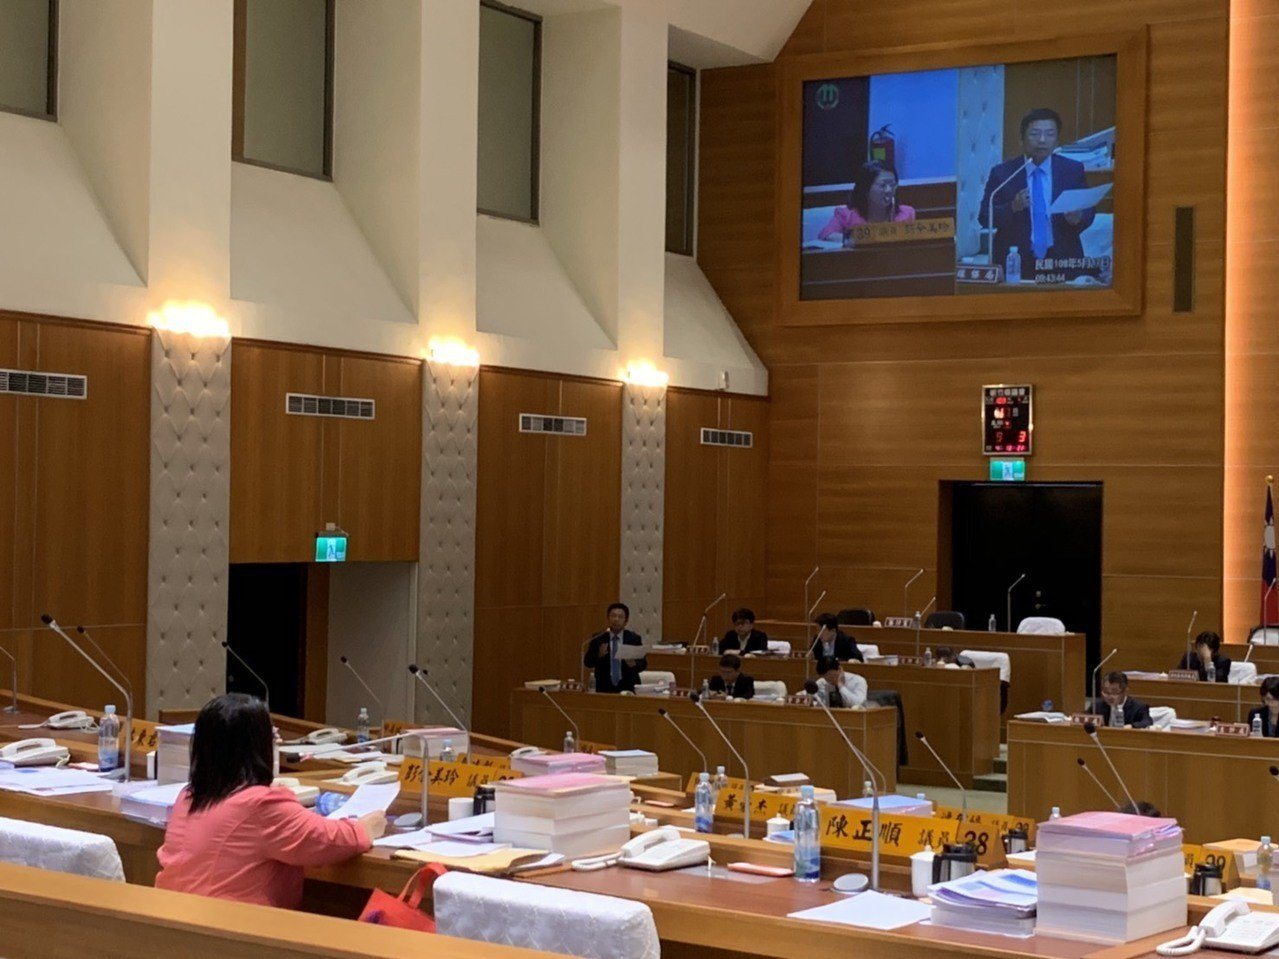 新竹縣議員彭余美玲今天在縣政總質詢關心竹東鎮缺乏親子設施,希望縣府能在幅員遼闊的...